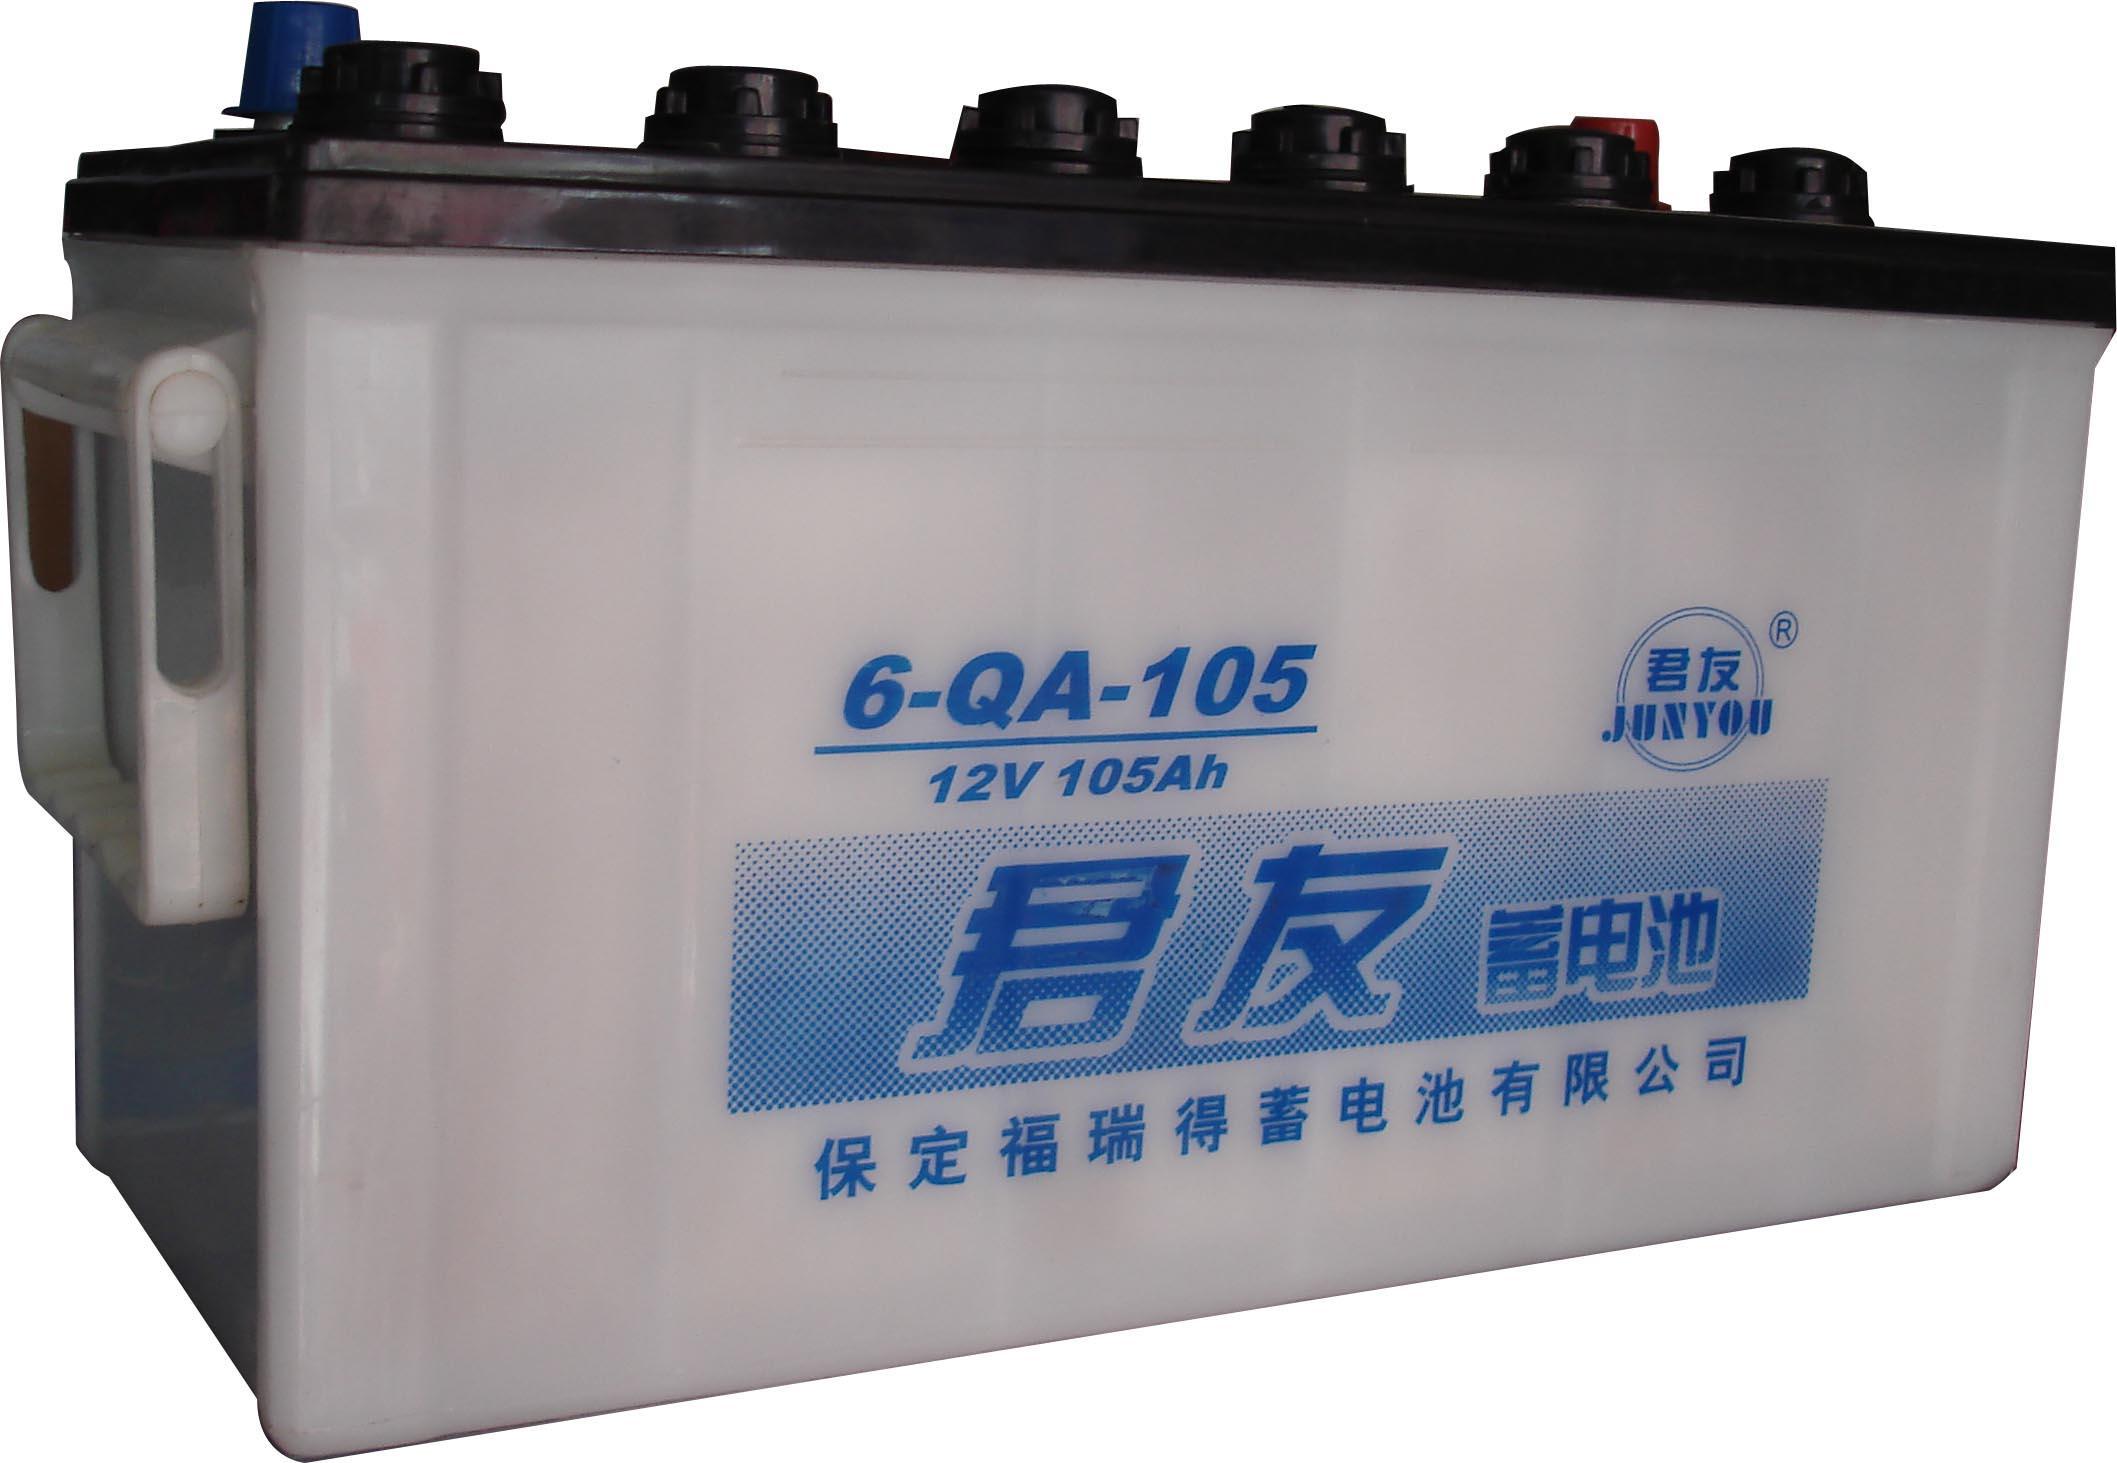 河南火炬蓄电池之五种电动车蓄电池质量不合格被曝光